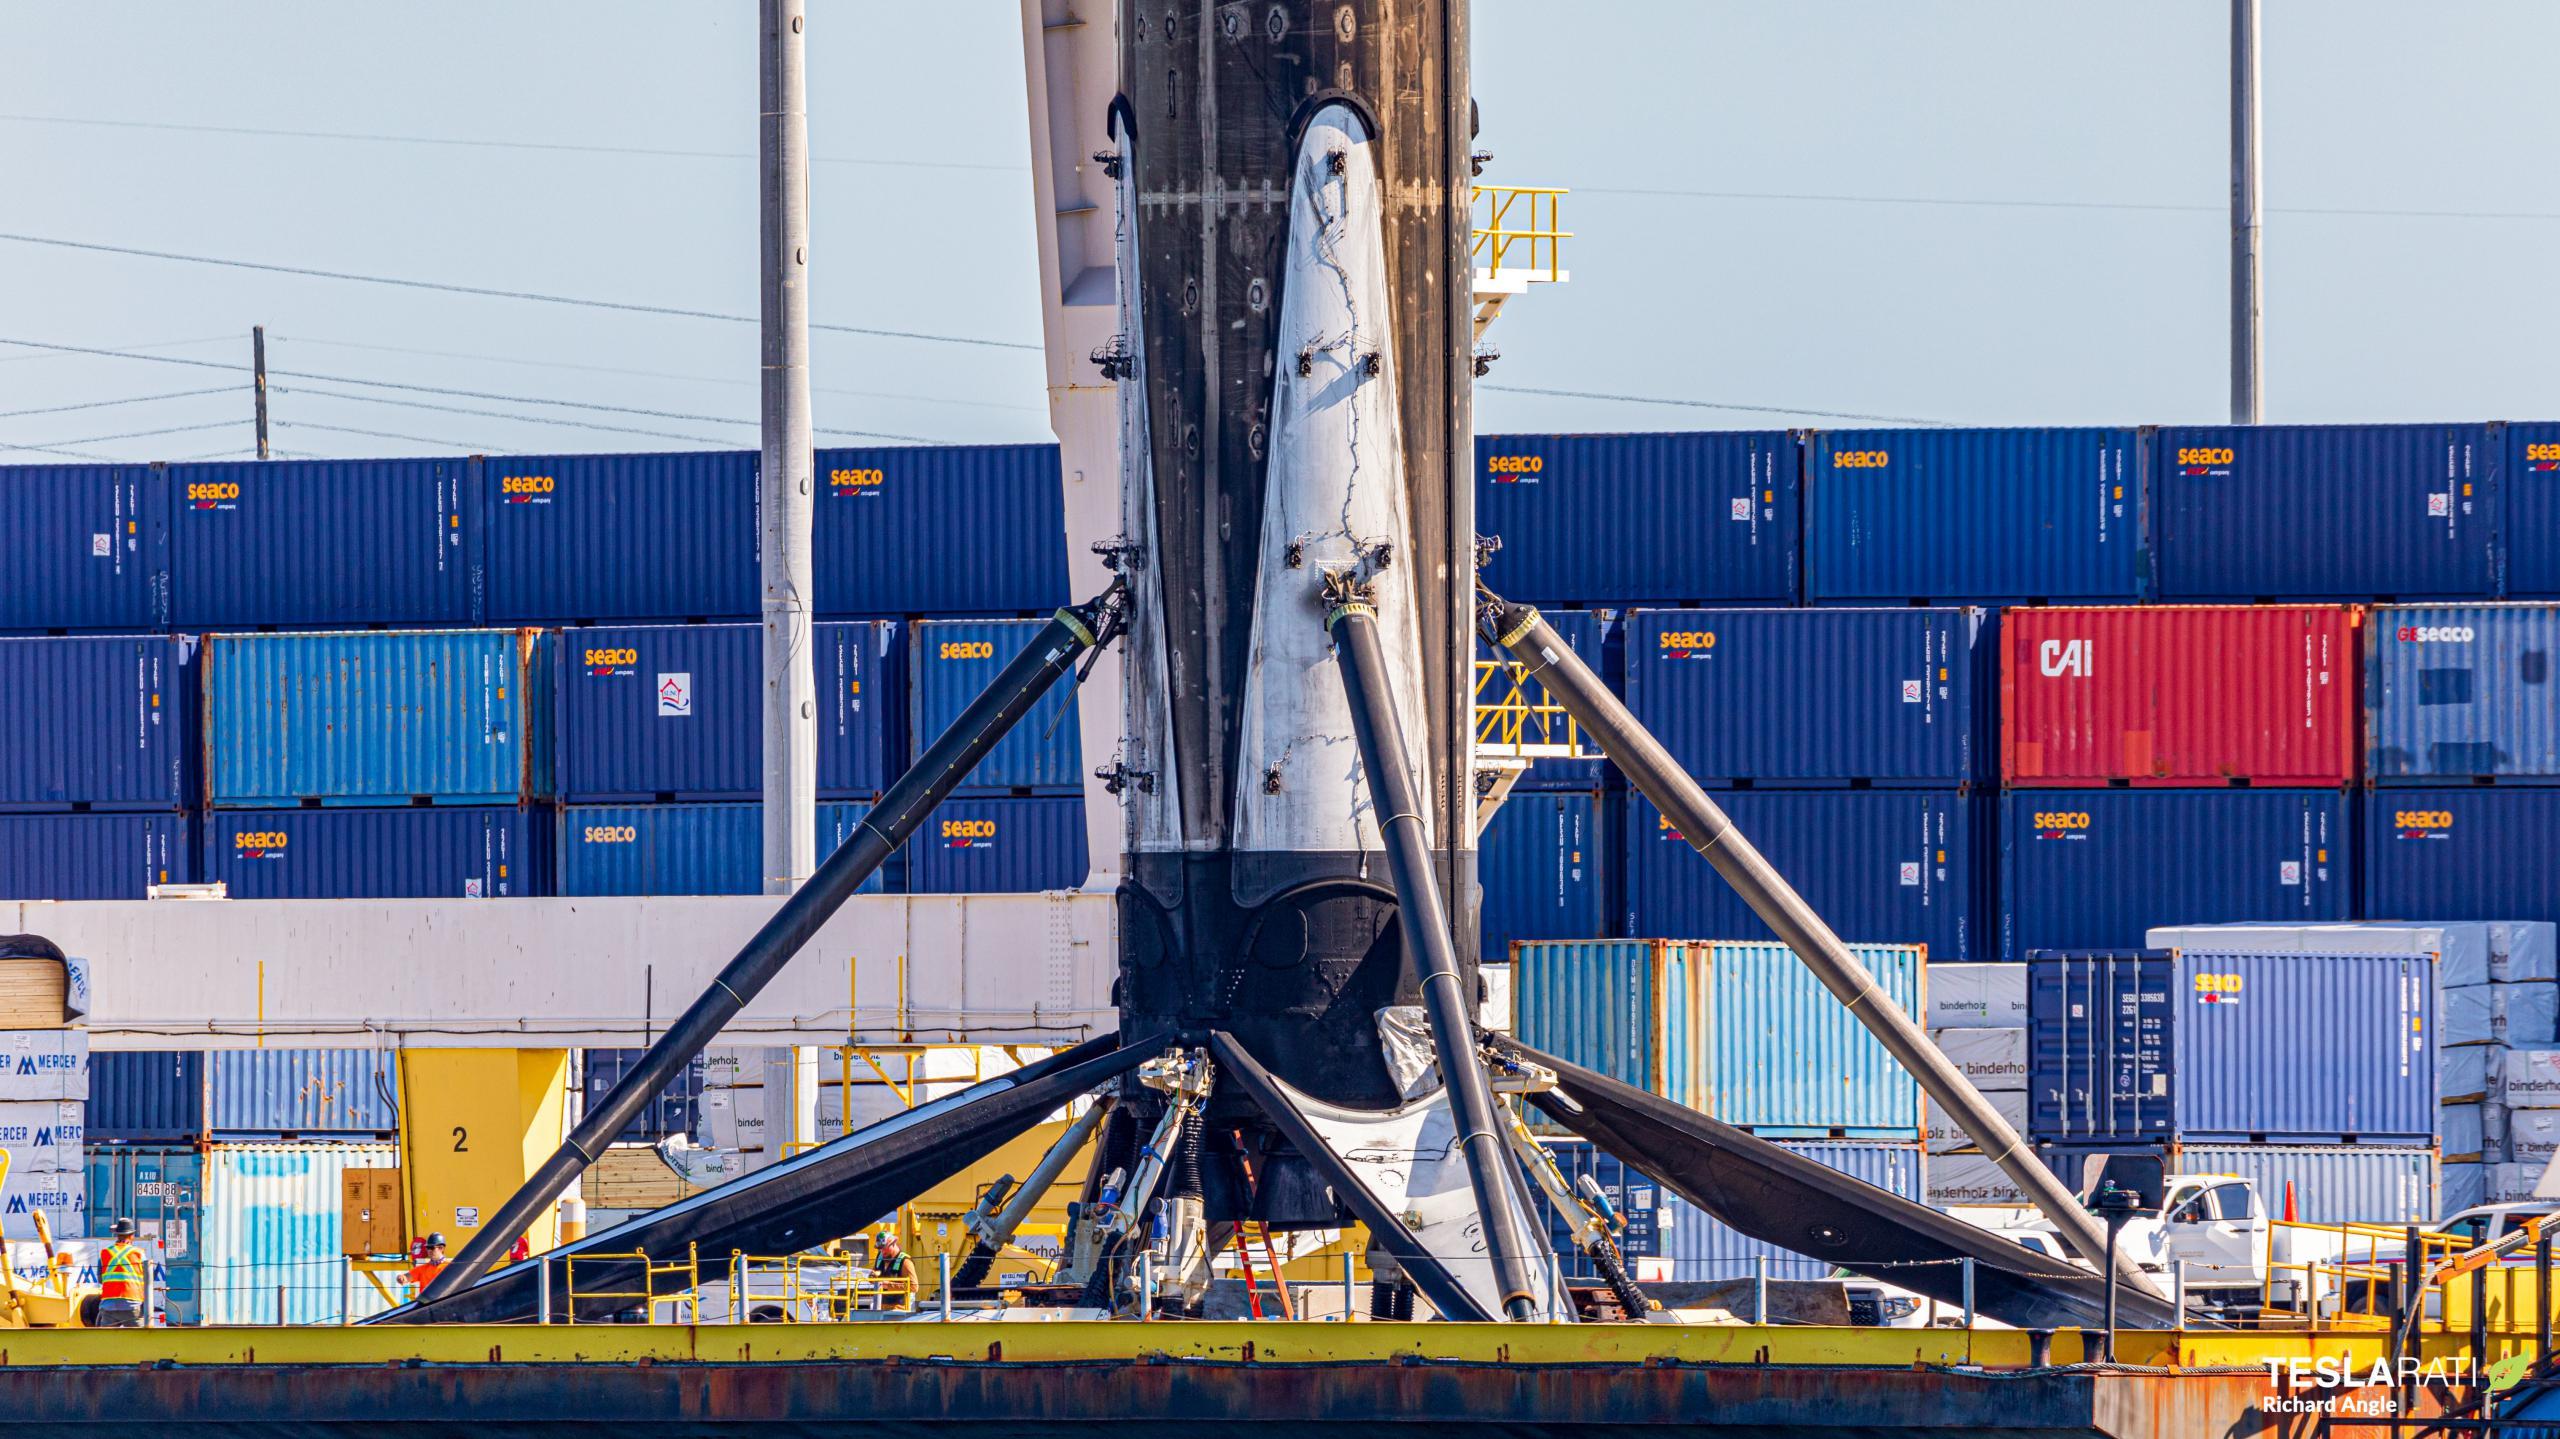 Starlink-25 Falcon 9 B1049 port retun 050921 (Richard Angle) 1 (c)